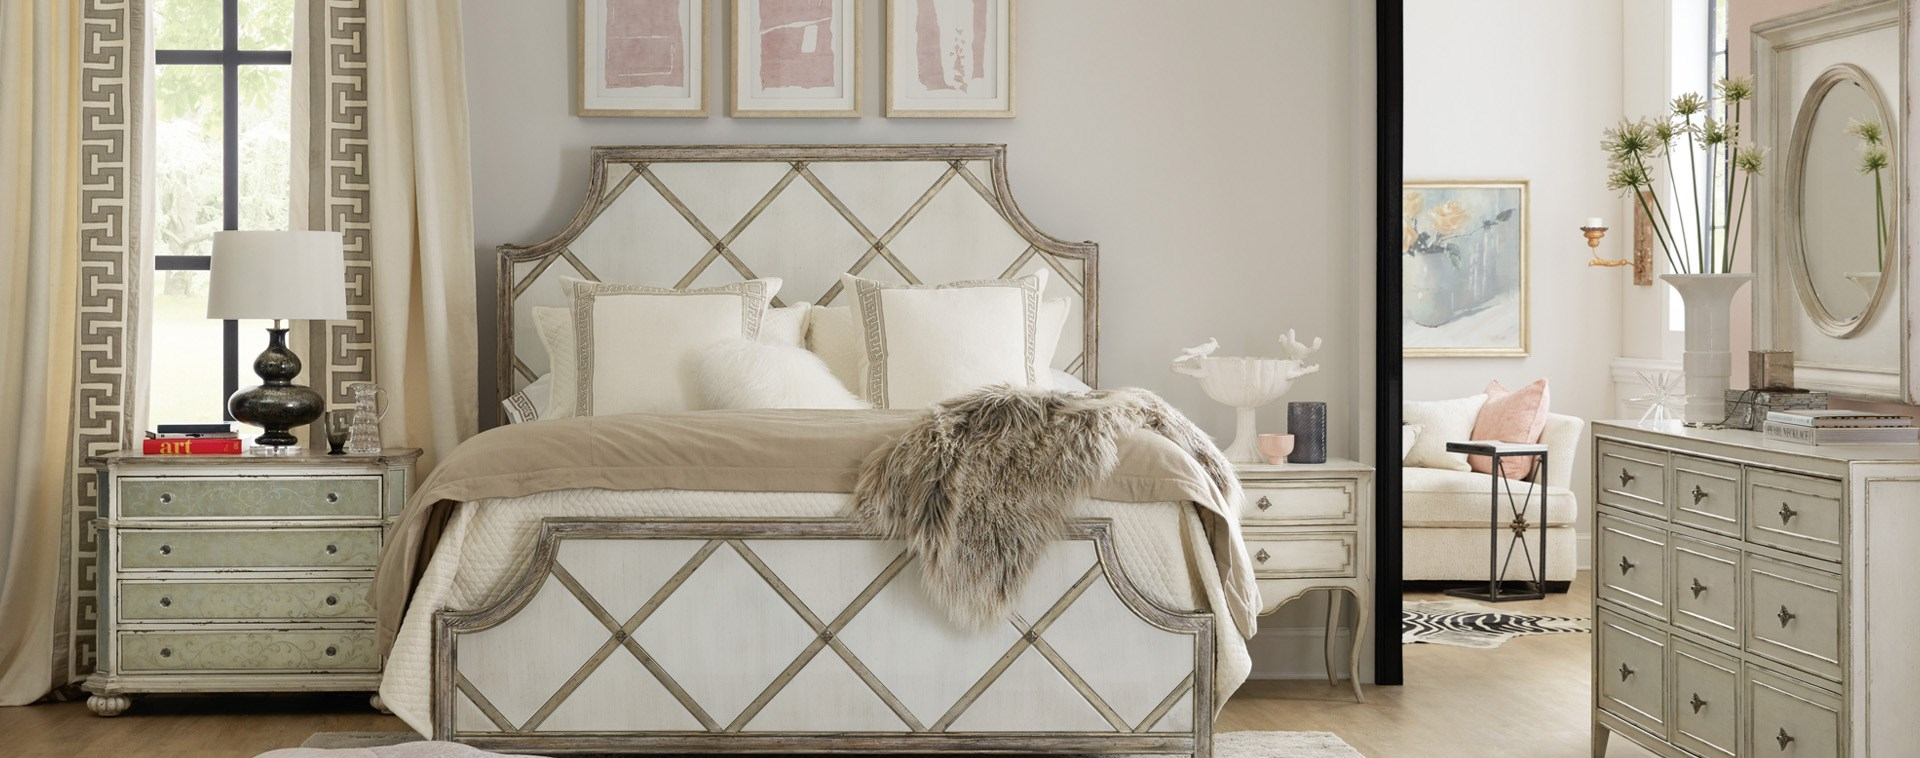 Alison Craig Bedroom Collecyion